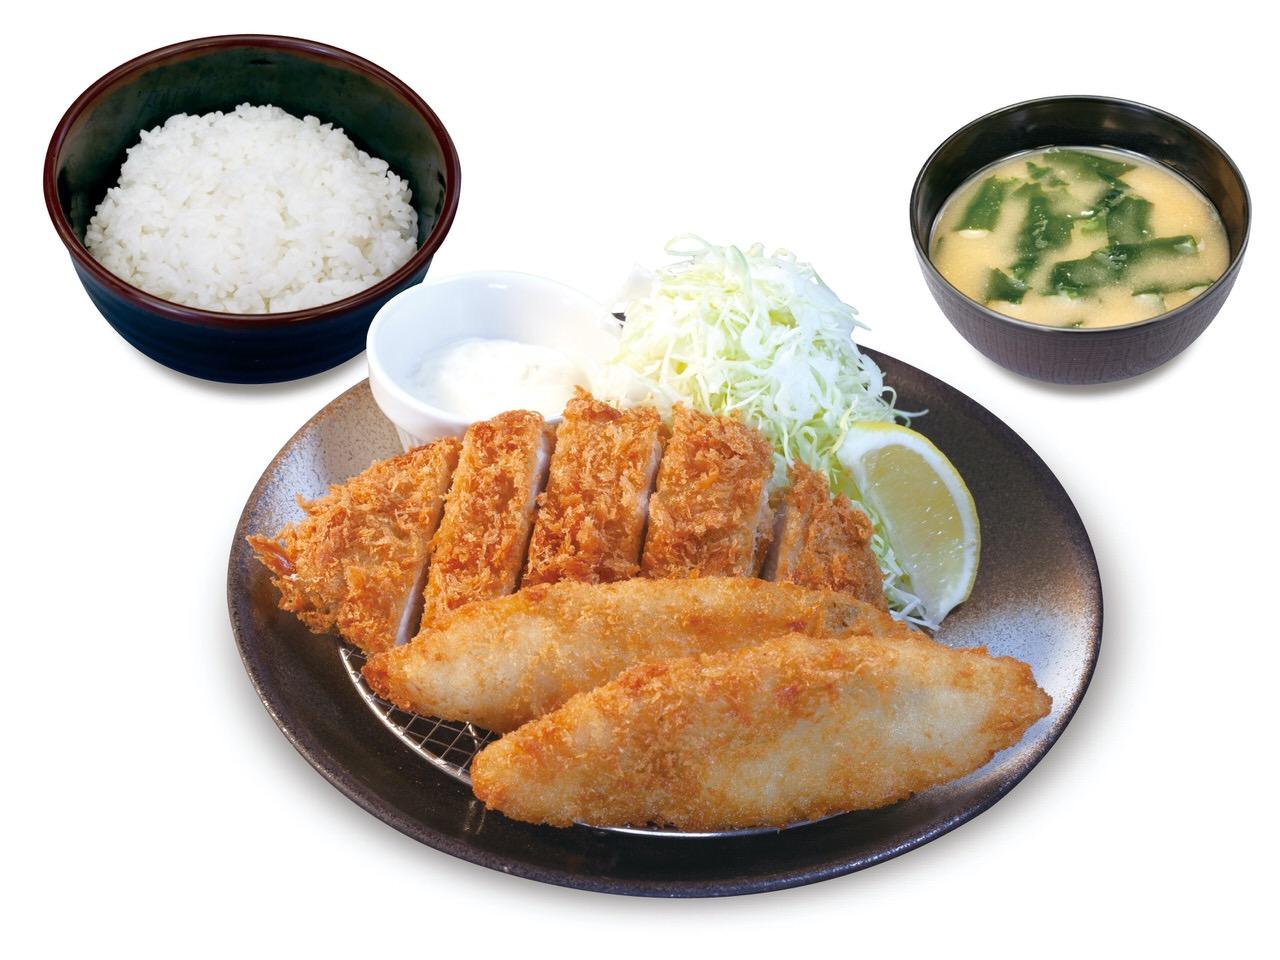 【松のや】熟成ポークかつの「ロースかつ&白身フライ定食」プリッとした海老フライとミルキーなカキフライの「海鮮盛り合わせ定食」発売